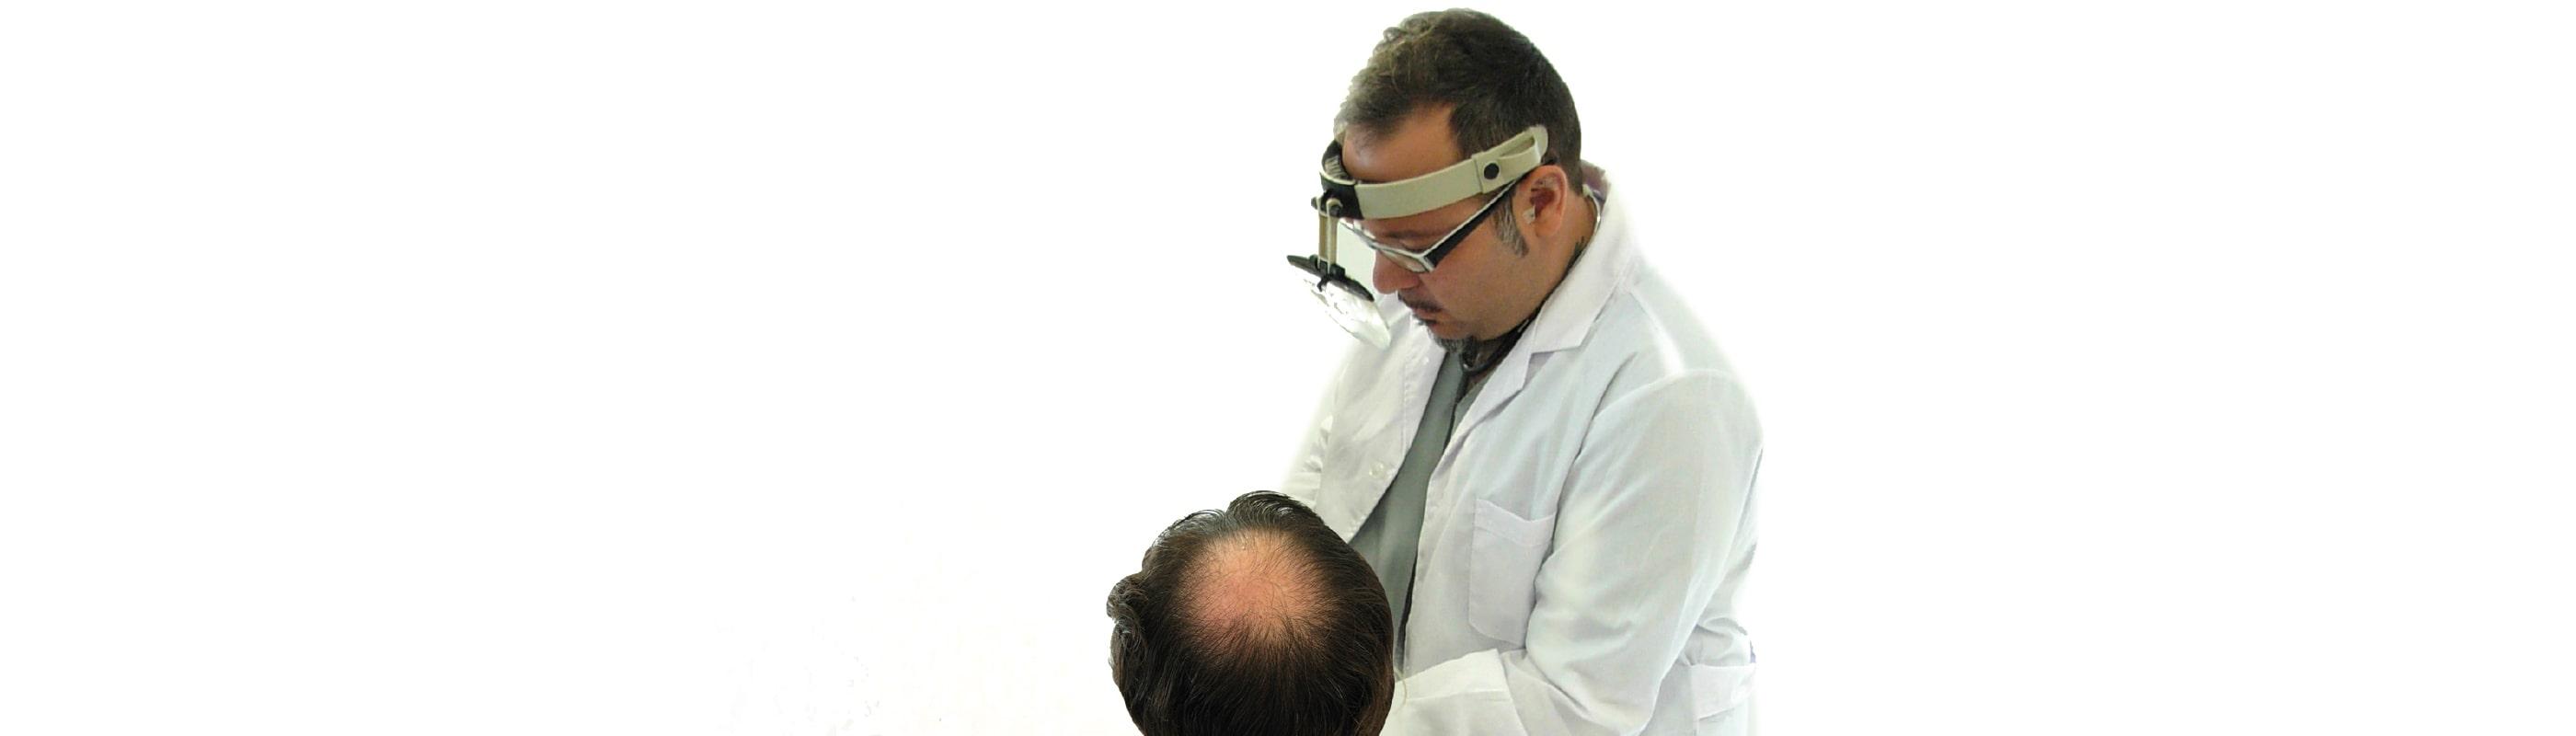 Tecnico terapeuta capilar